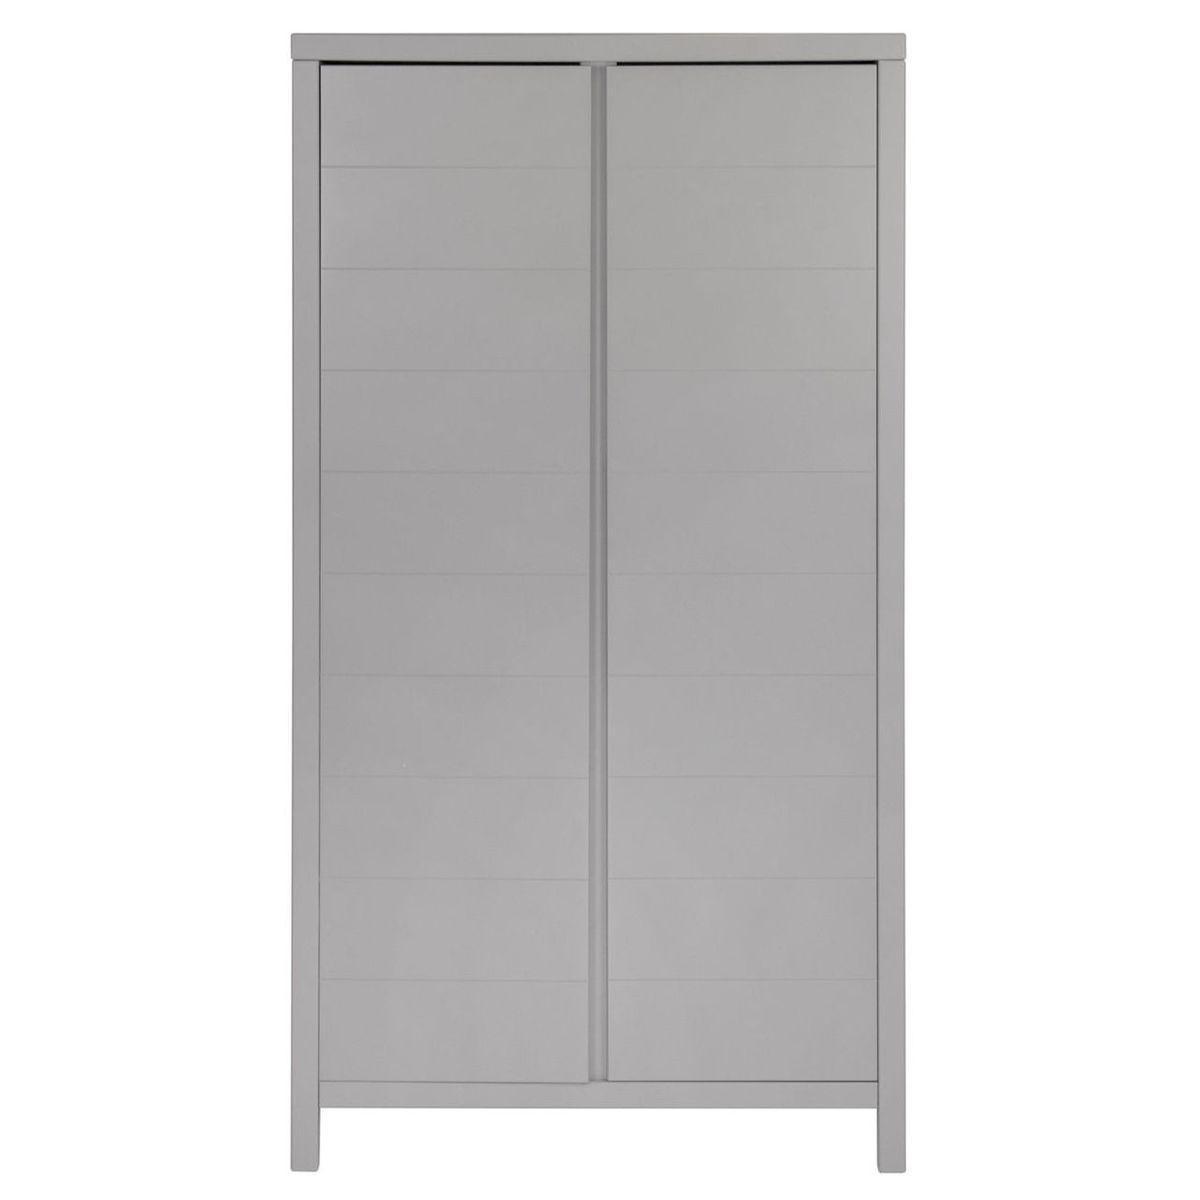 Kleiderschrank 2 Türen STRIPES Quax Griffin grey